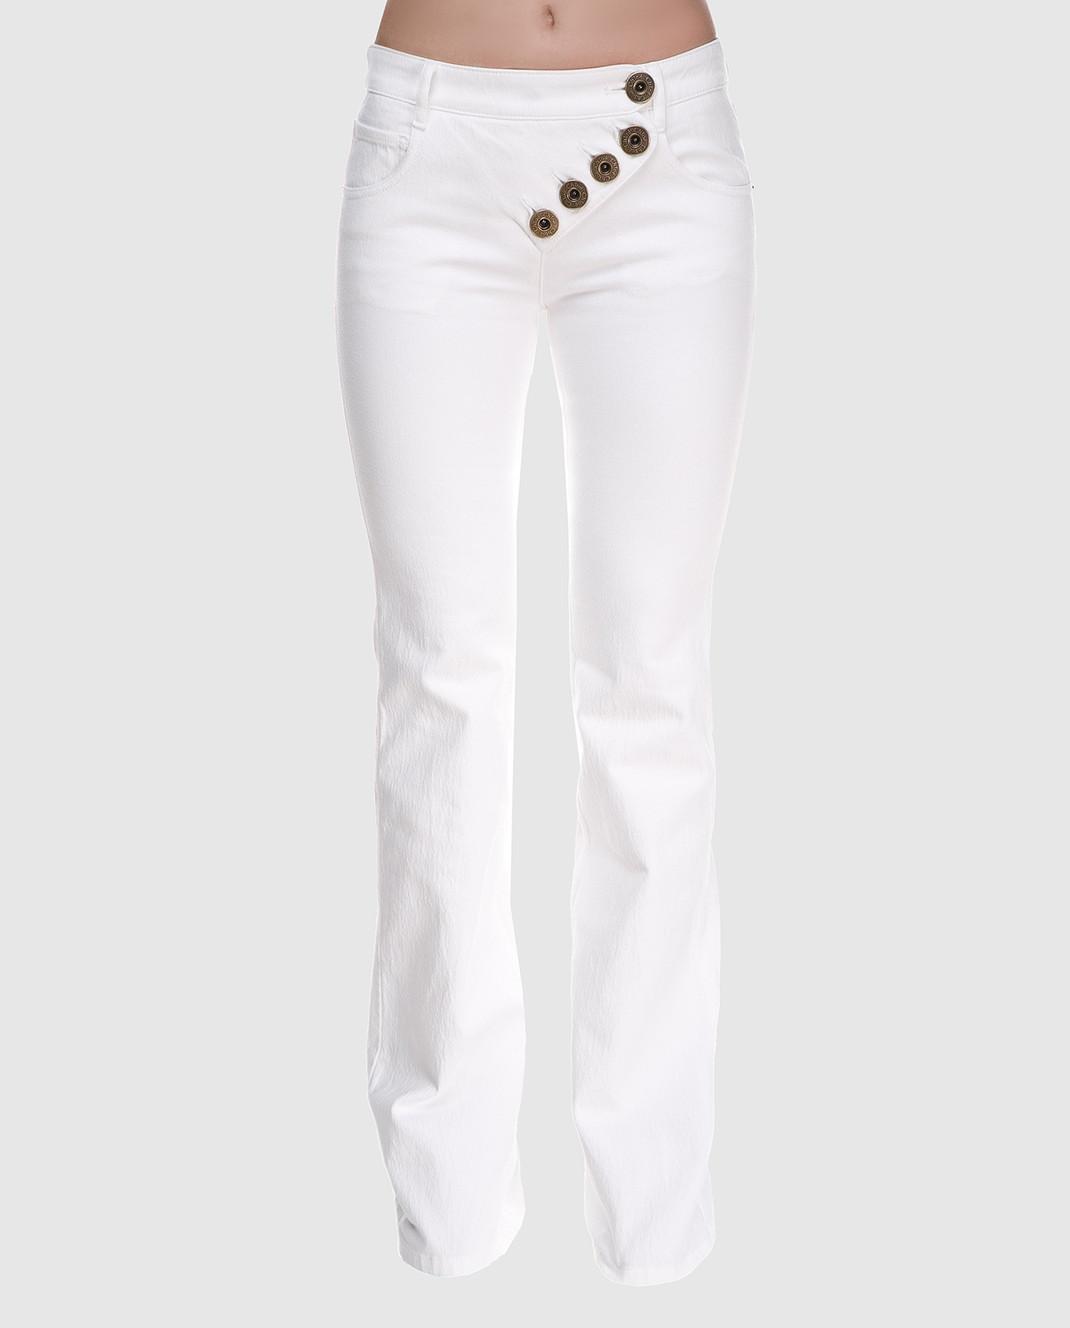 Chloe Белые джинсы 18SDP70154 изображение 3